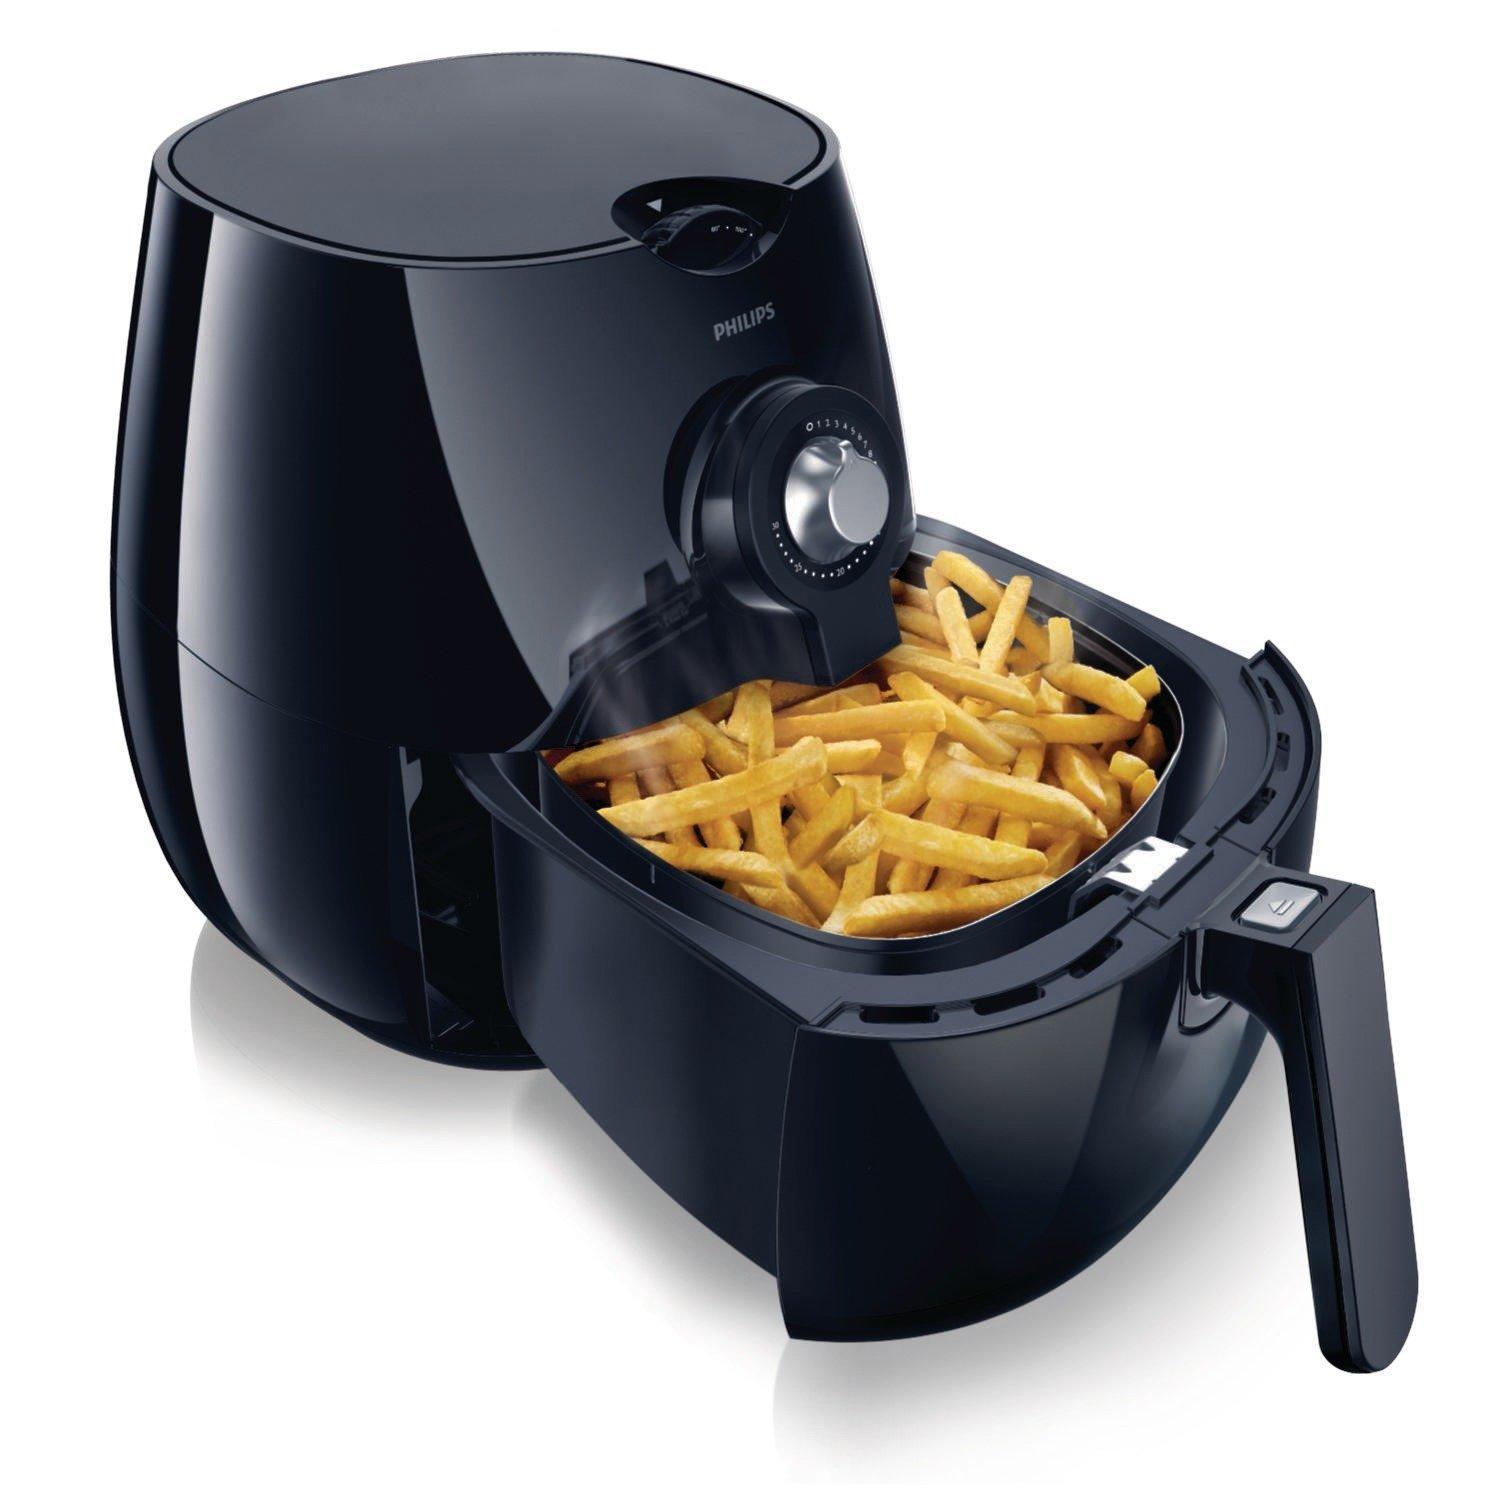 Deep Fryers Online In Pakistan Russell Hobbs Purifry Health Fryer Hd9220 Air Black